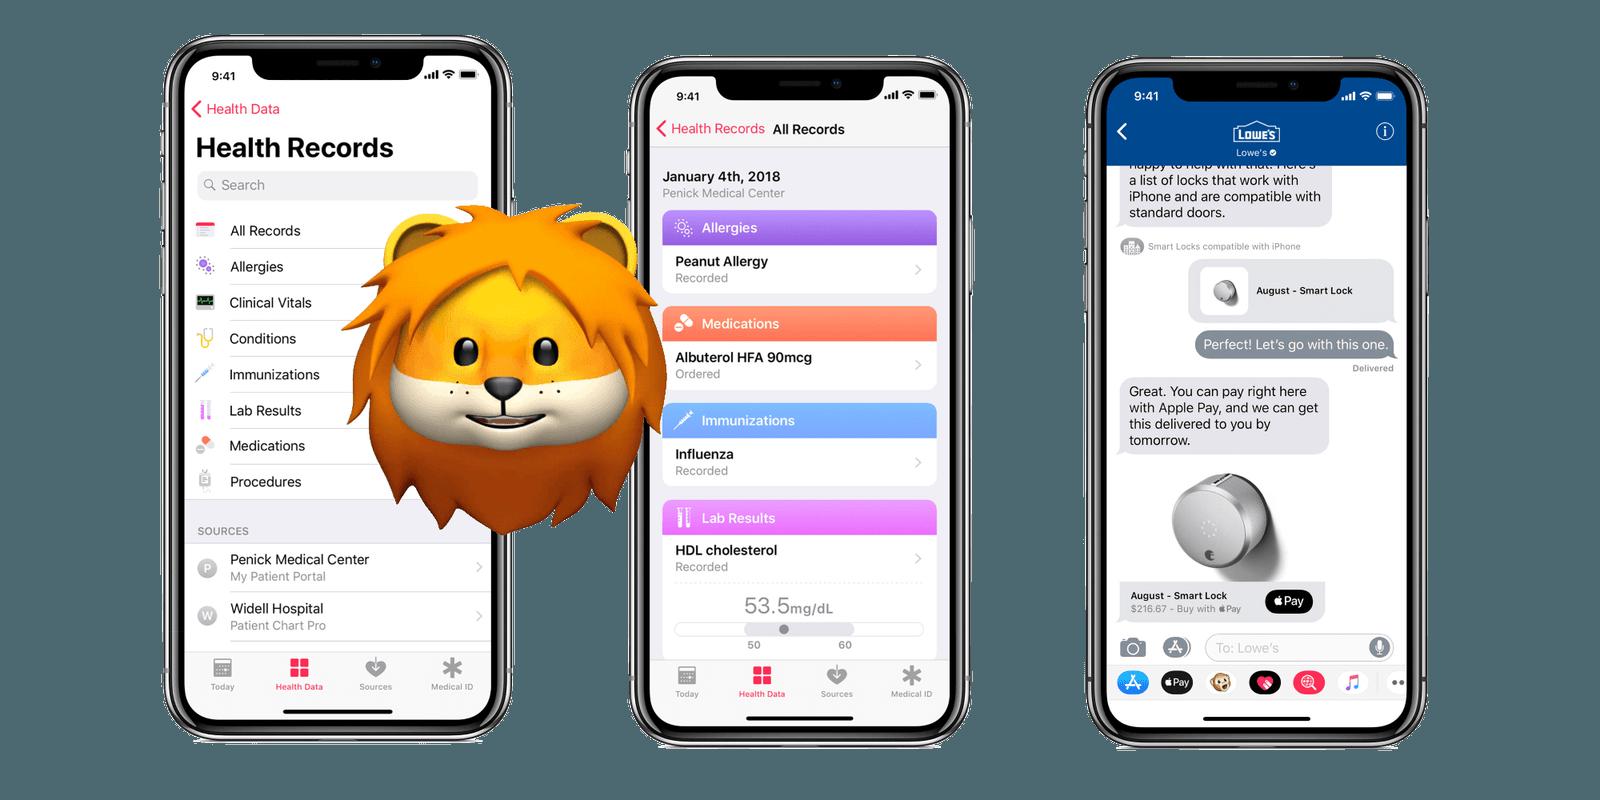 ios 11 3 - Apple uvoľnil šiestu beta verziu iOS 11.3 pre developerov